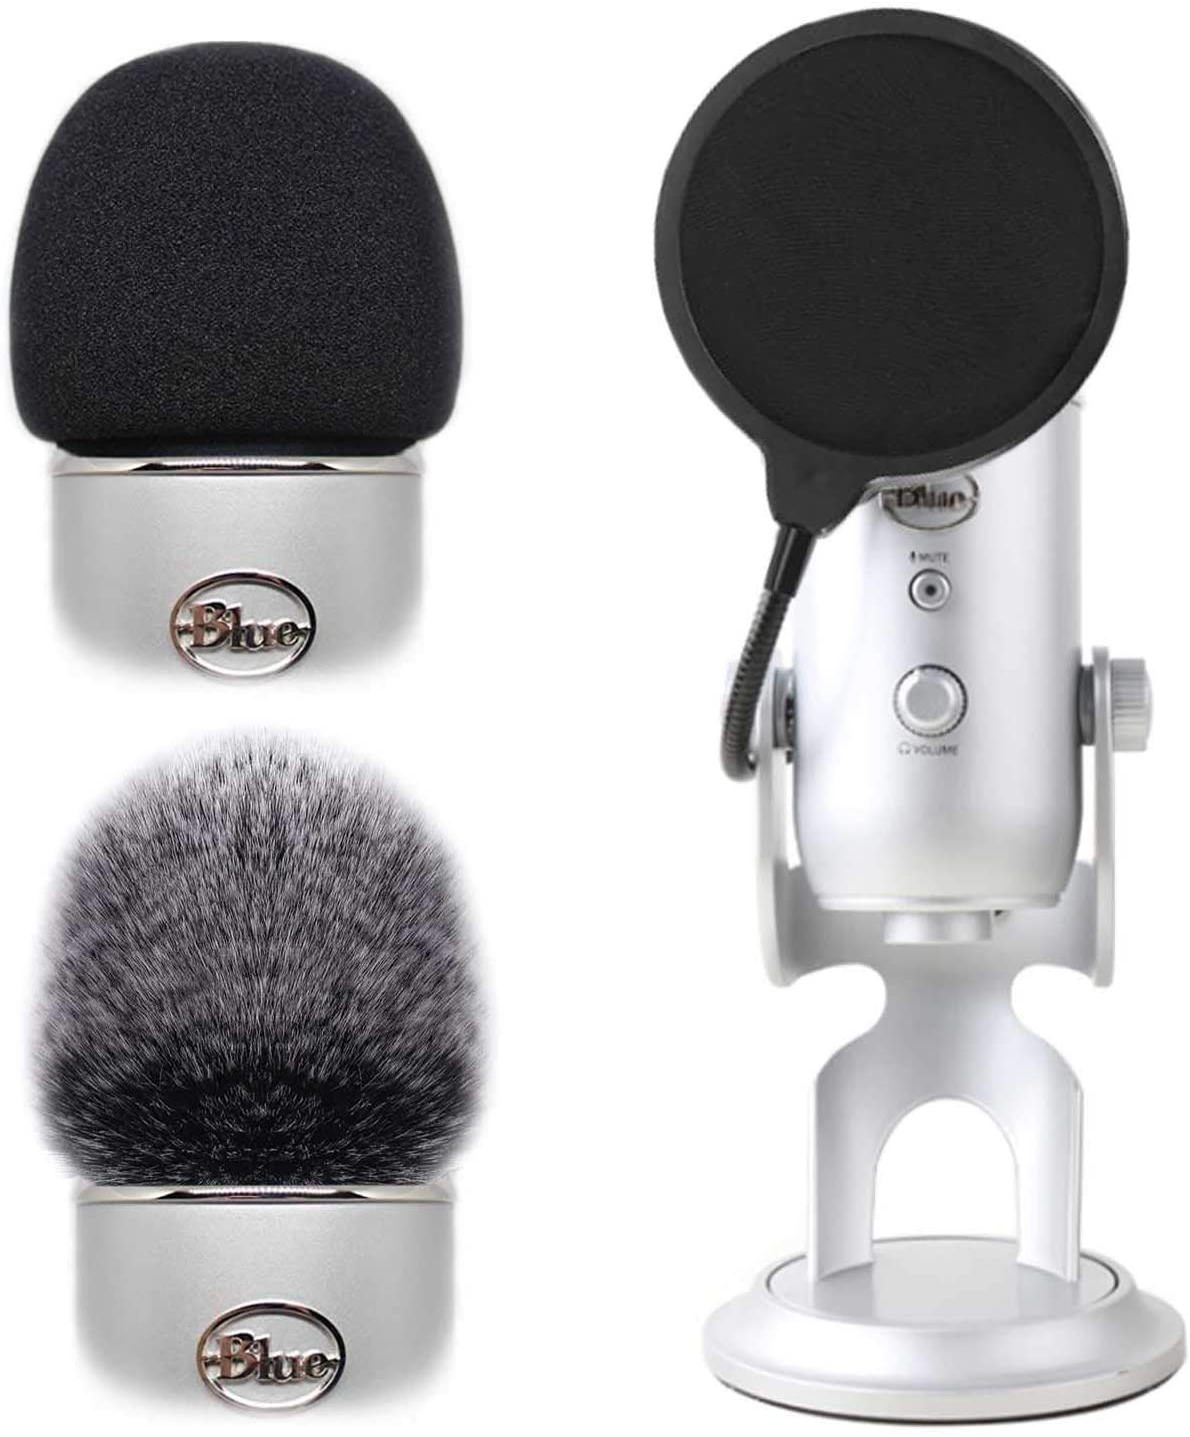 2pcs Professional Microphone Furry Windscreen New item Wind Cover New popularity Mu Foam